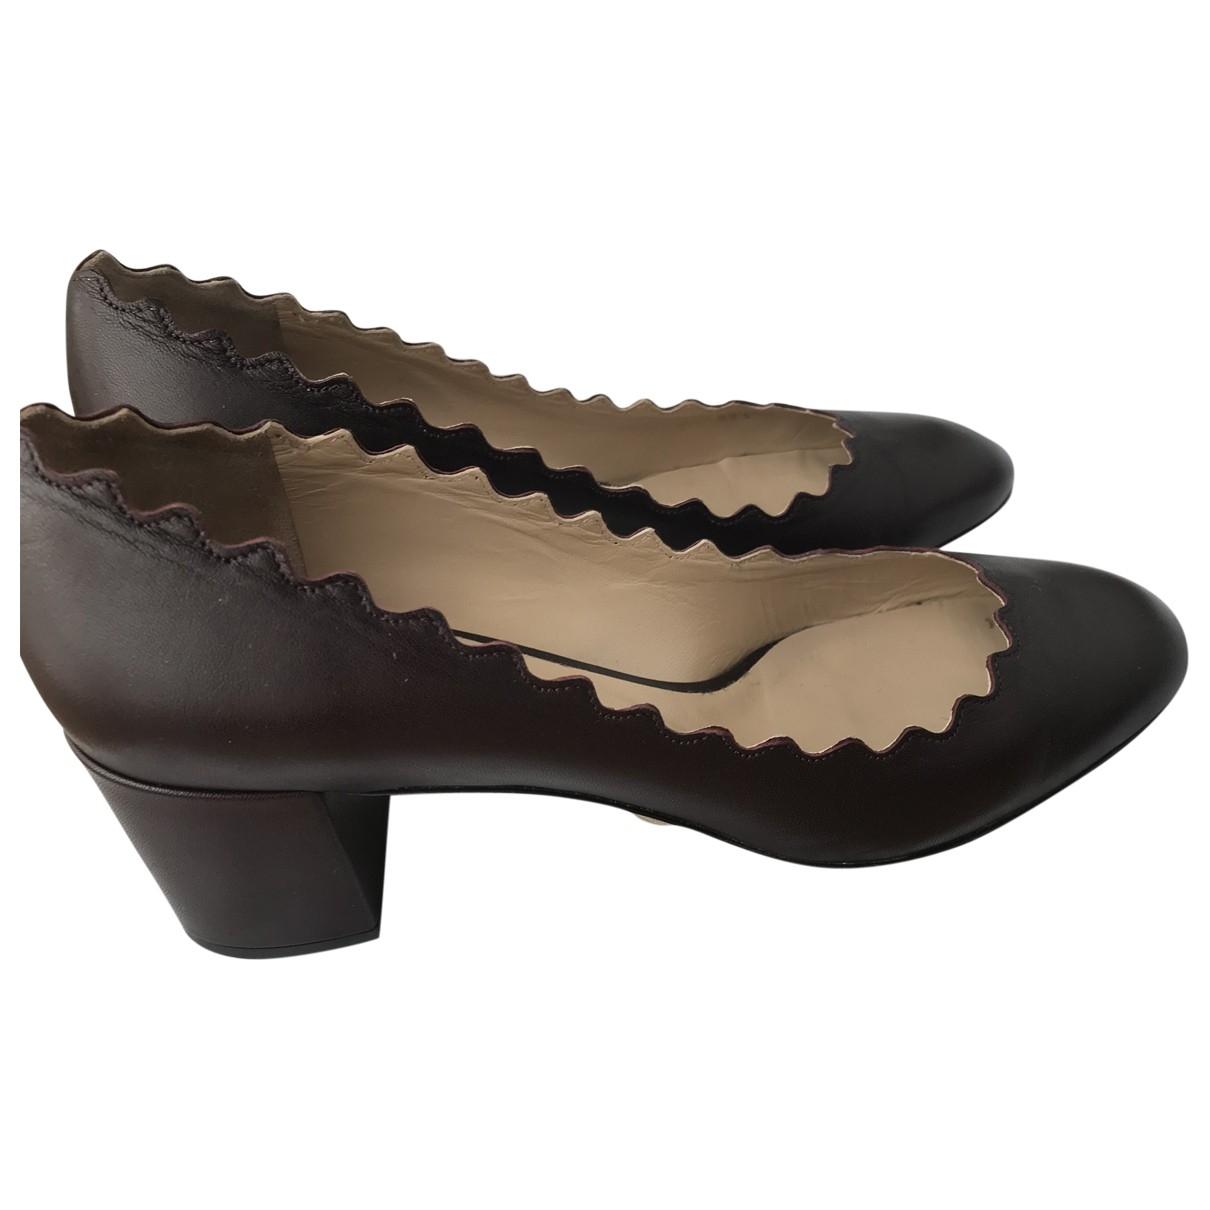 Chloé Lauren Burgundy Leather Heels for Women 38 EU